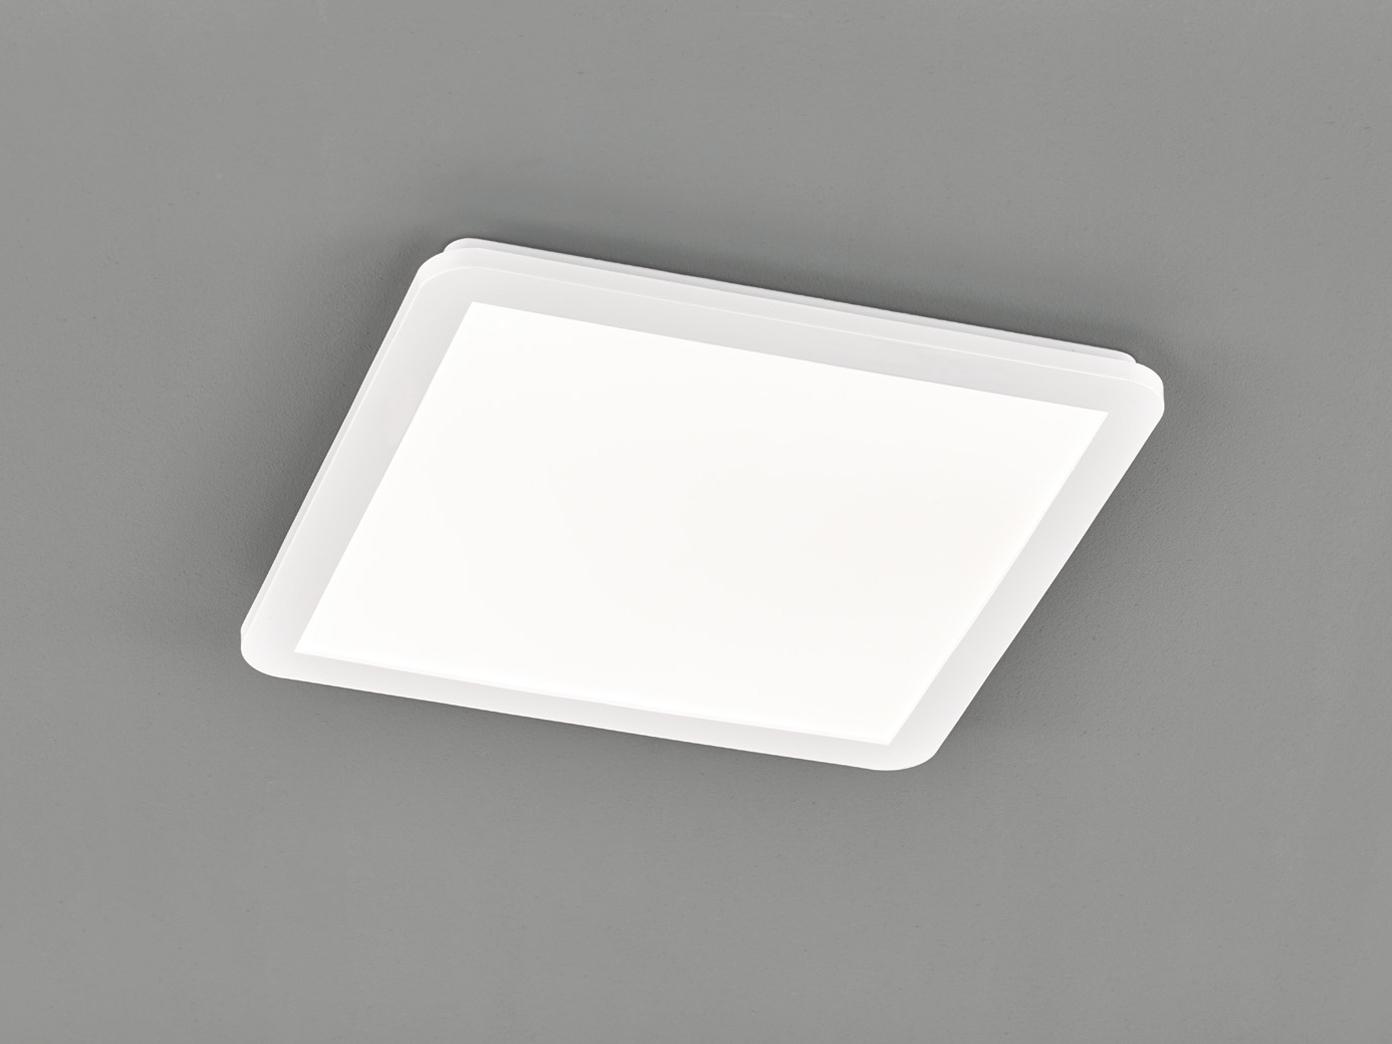 LED Deckenleuchte CAMILLUS flache Badezimmerlampe Eckig 20x20cm in Weiß IP20